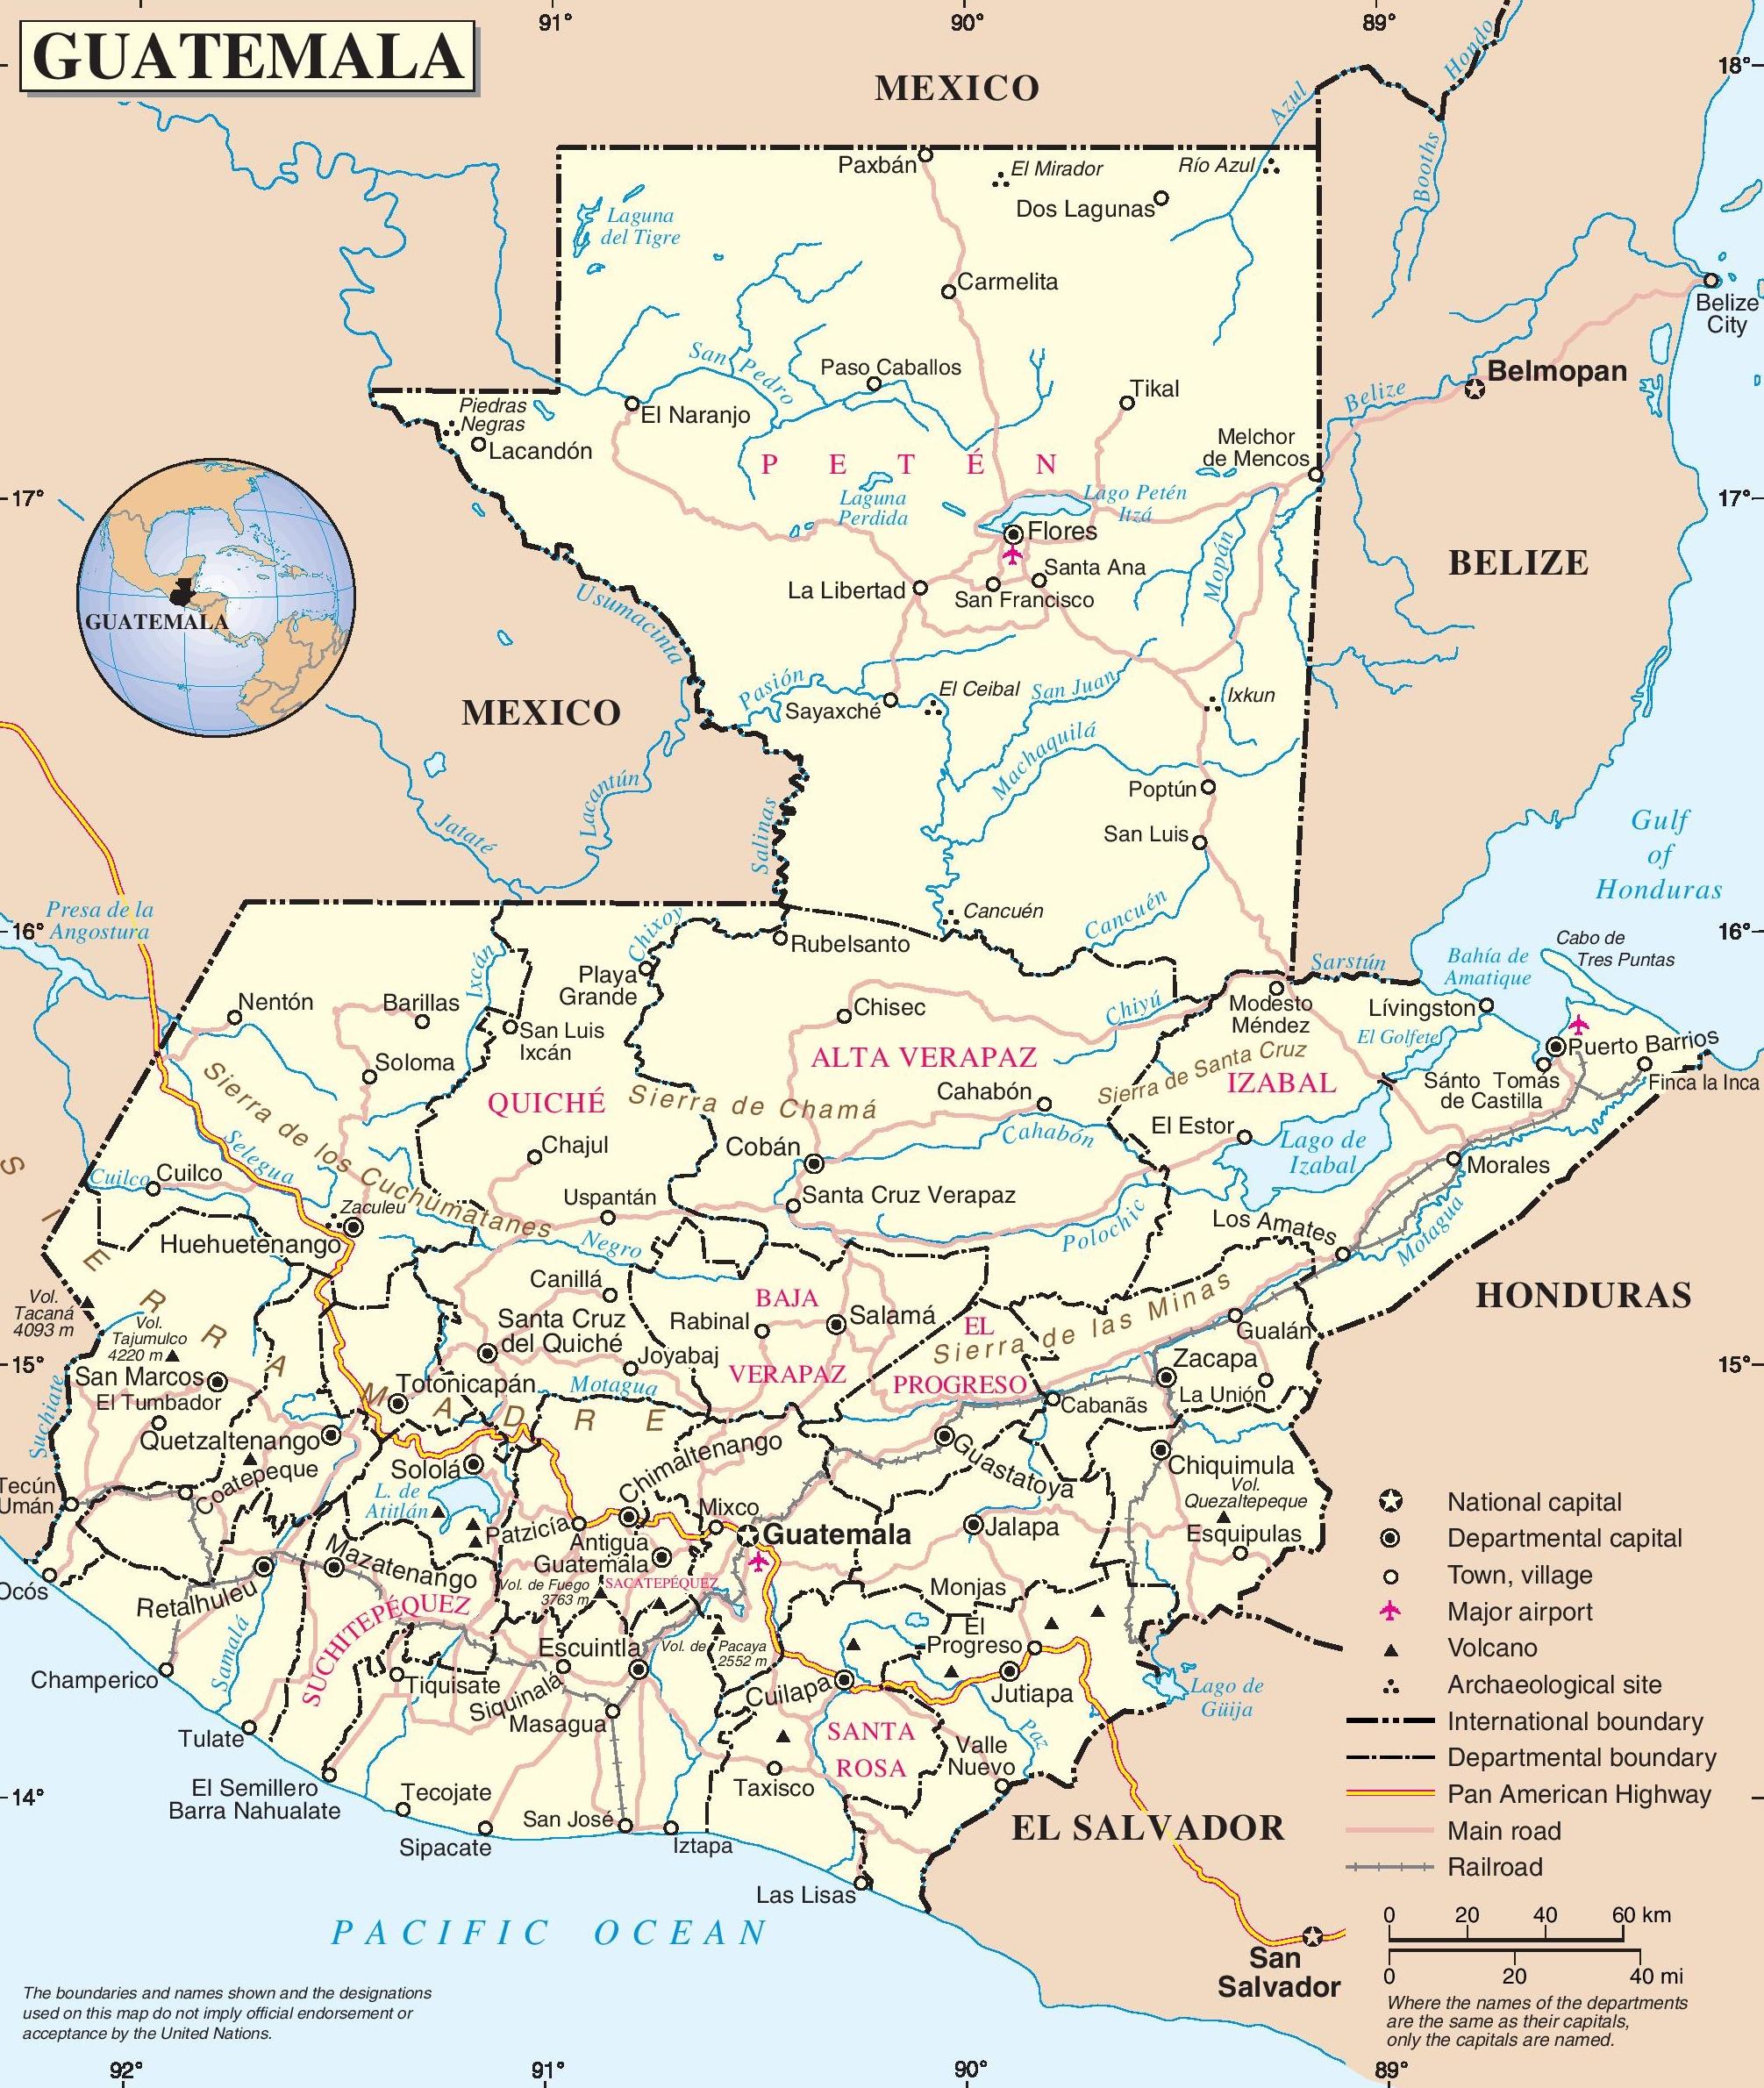 Guatemala Road Map - Guatemala map